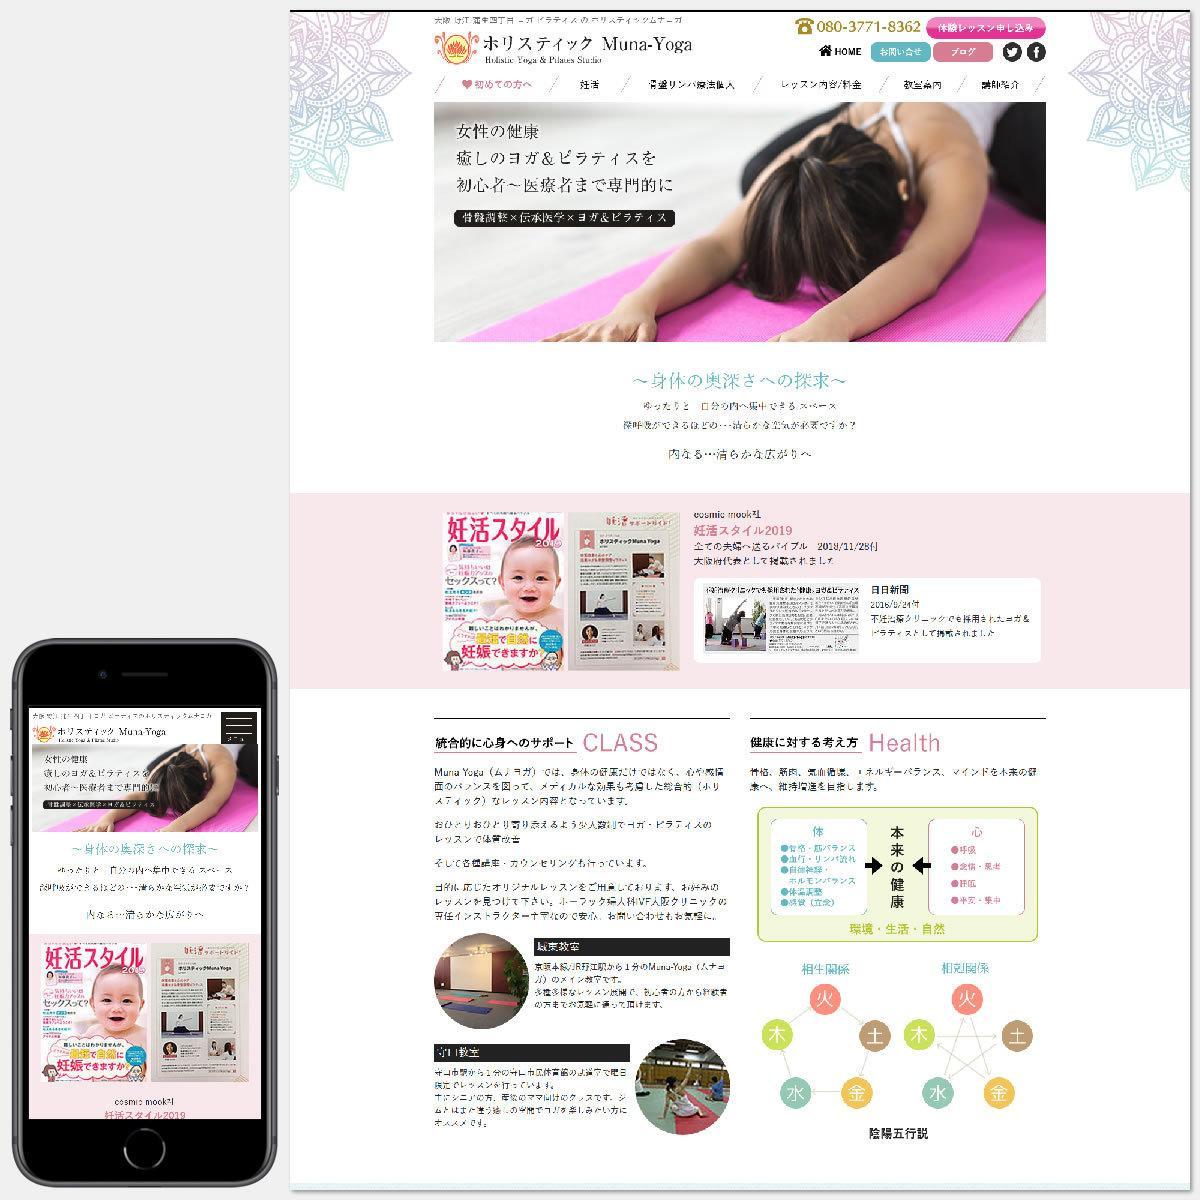 ぽっきり価格でホームページ作成します 初めてのホームページ作成の方に喜んでほしい。※スマホも対応※